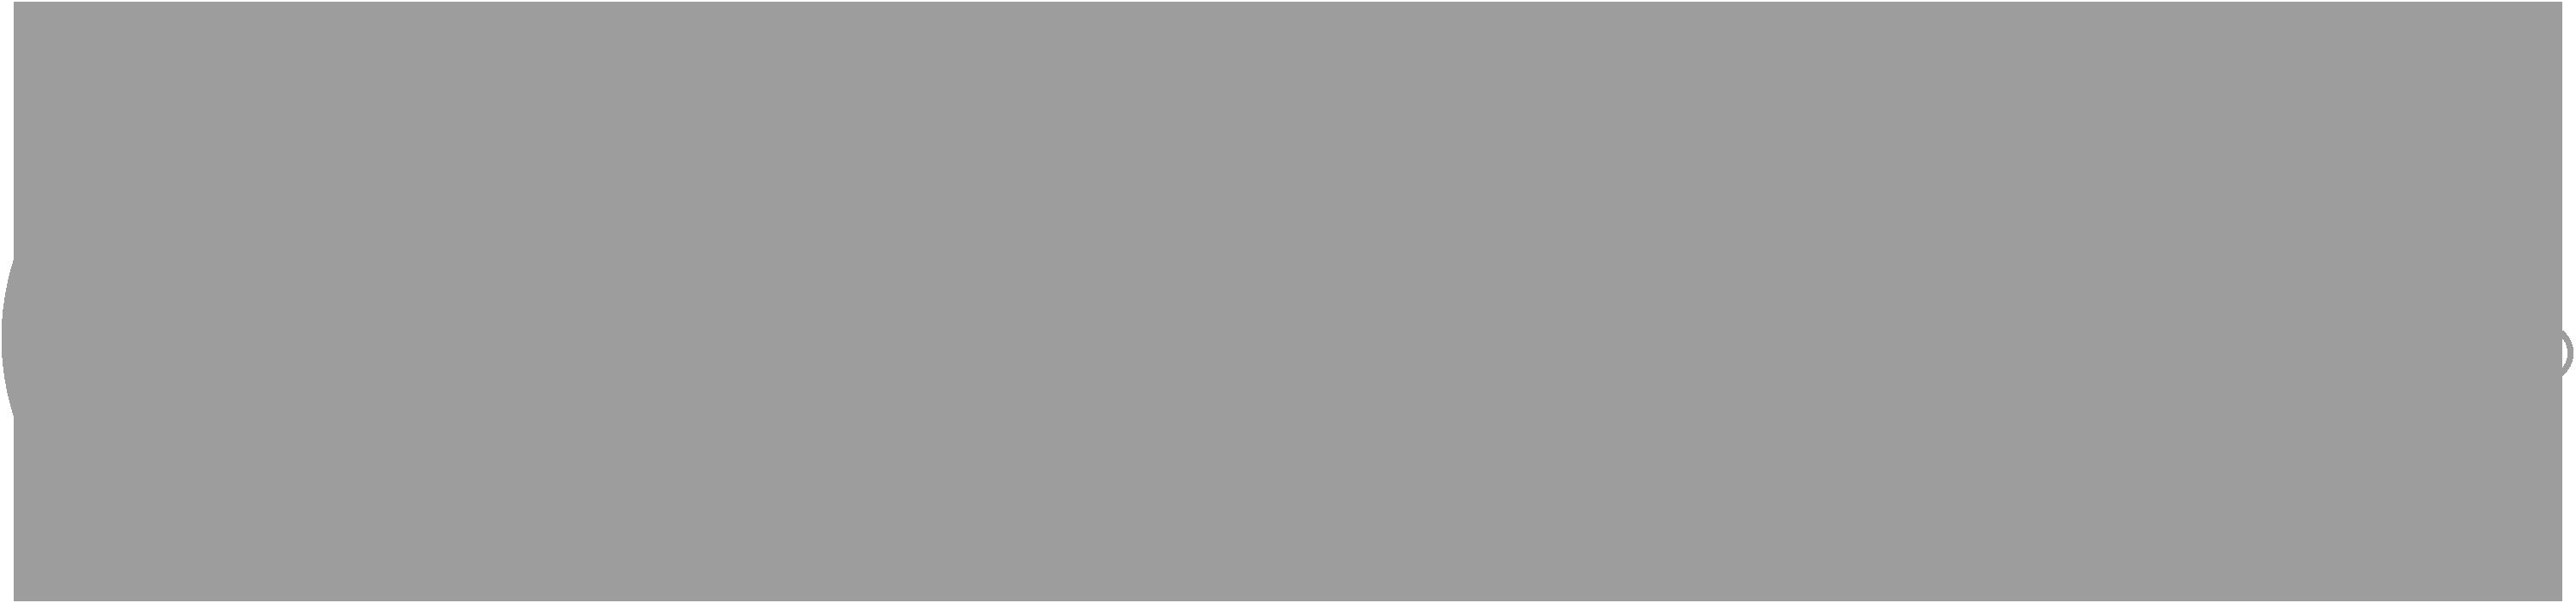 Maruchan_Inc_Logo-1